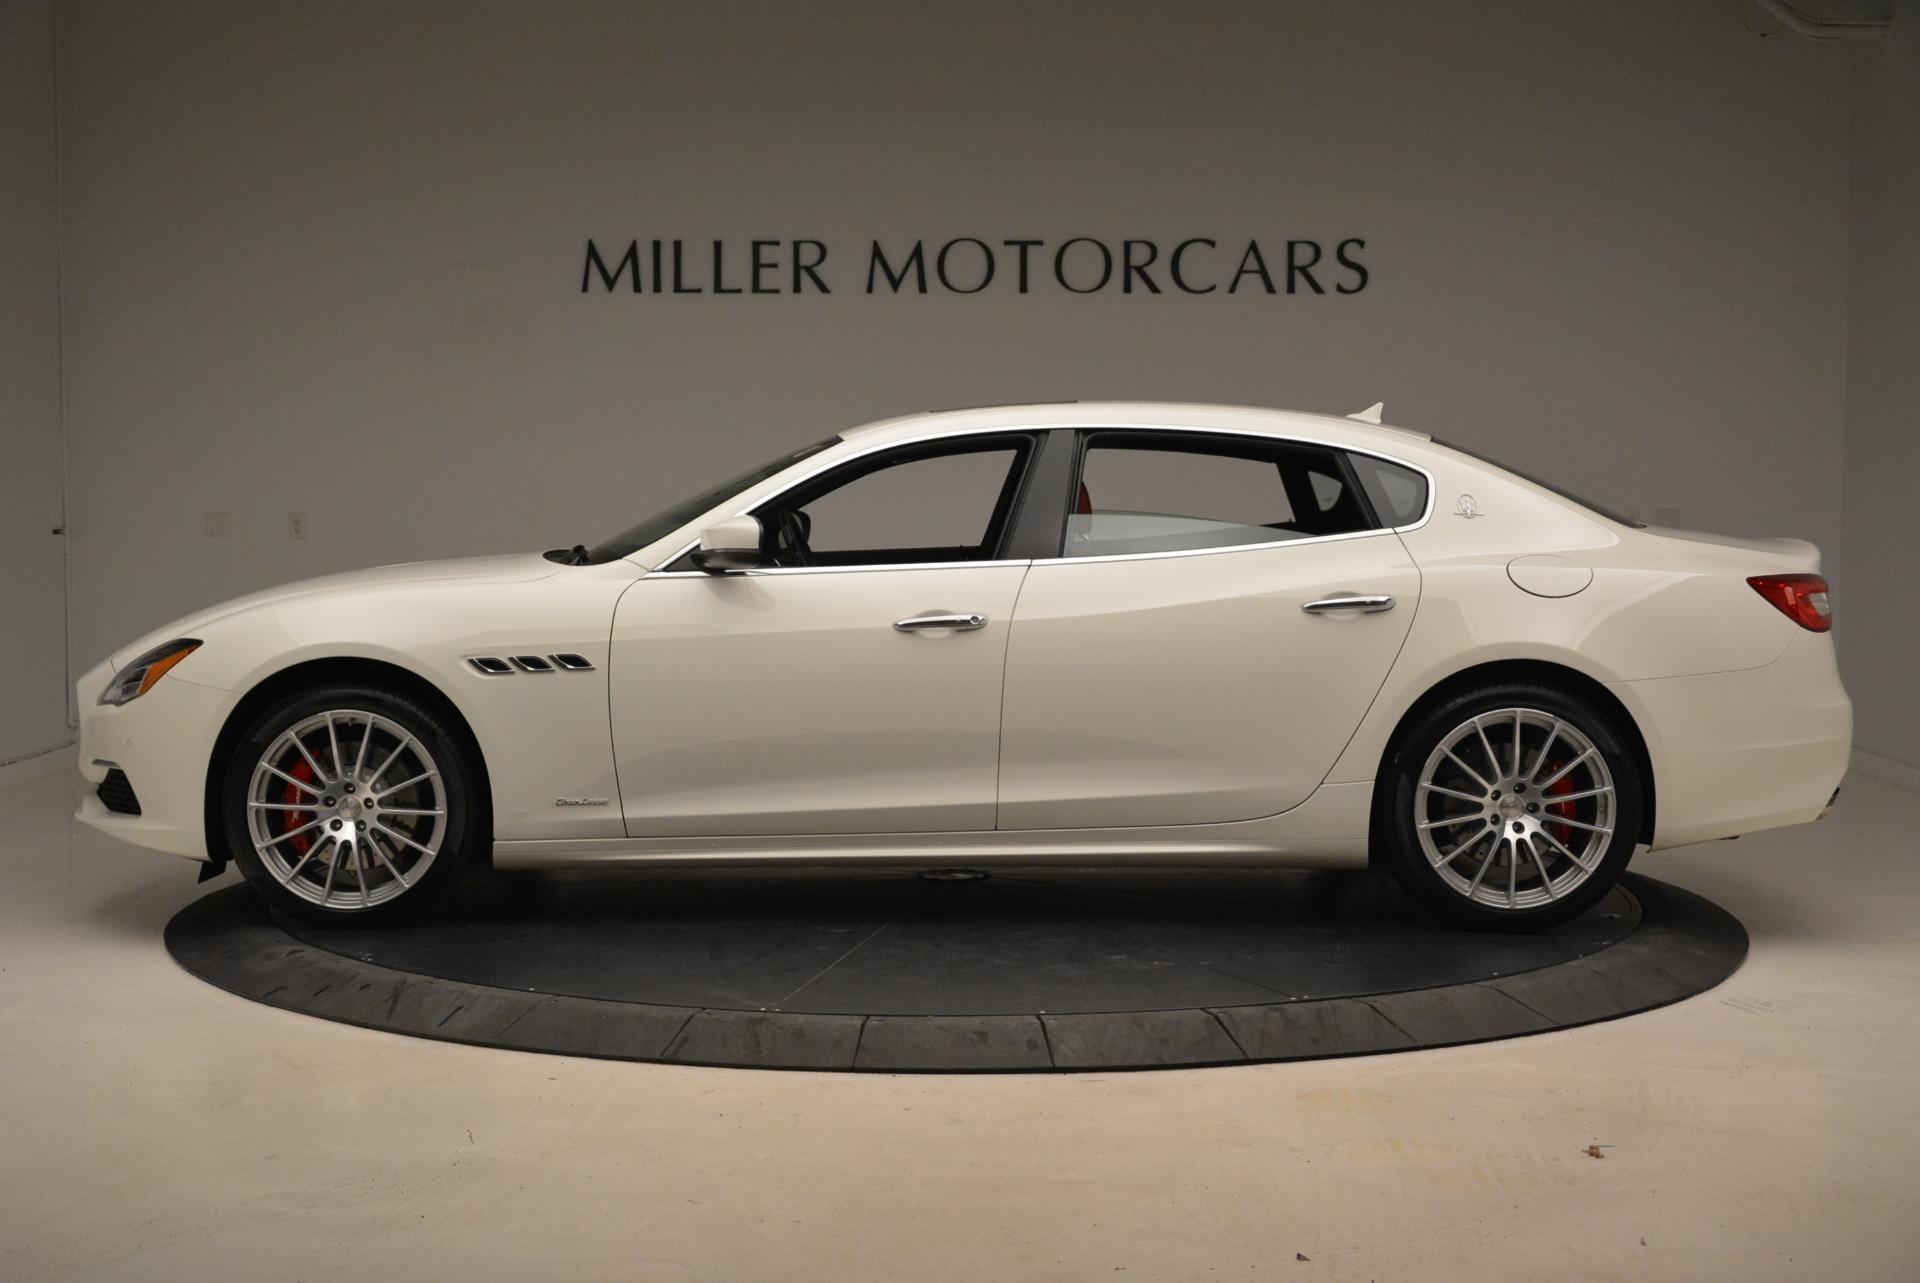 New 2018 Maserati Quattroporte S Q4 GranLusso For Sale In Westport, CT 2085_p4